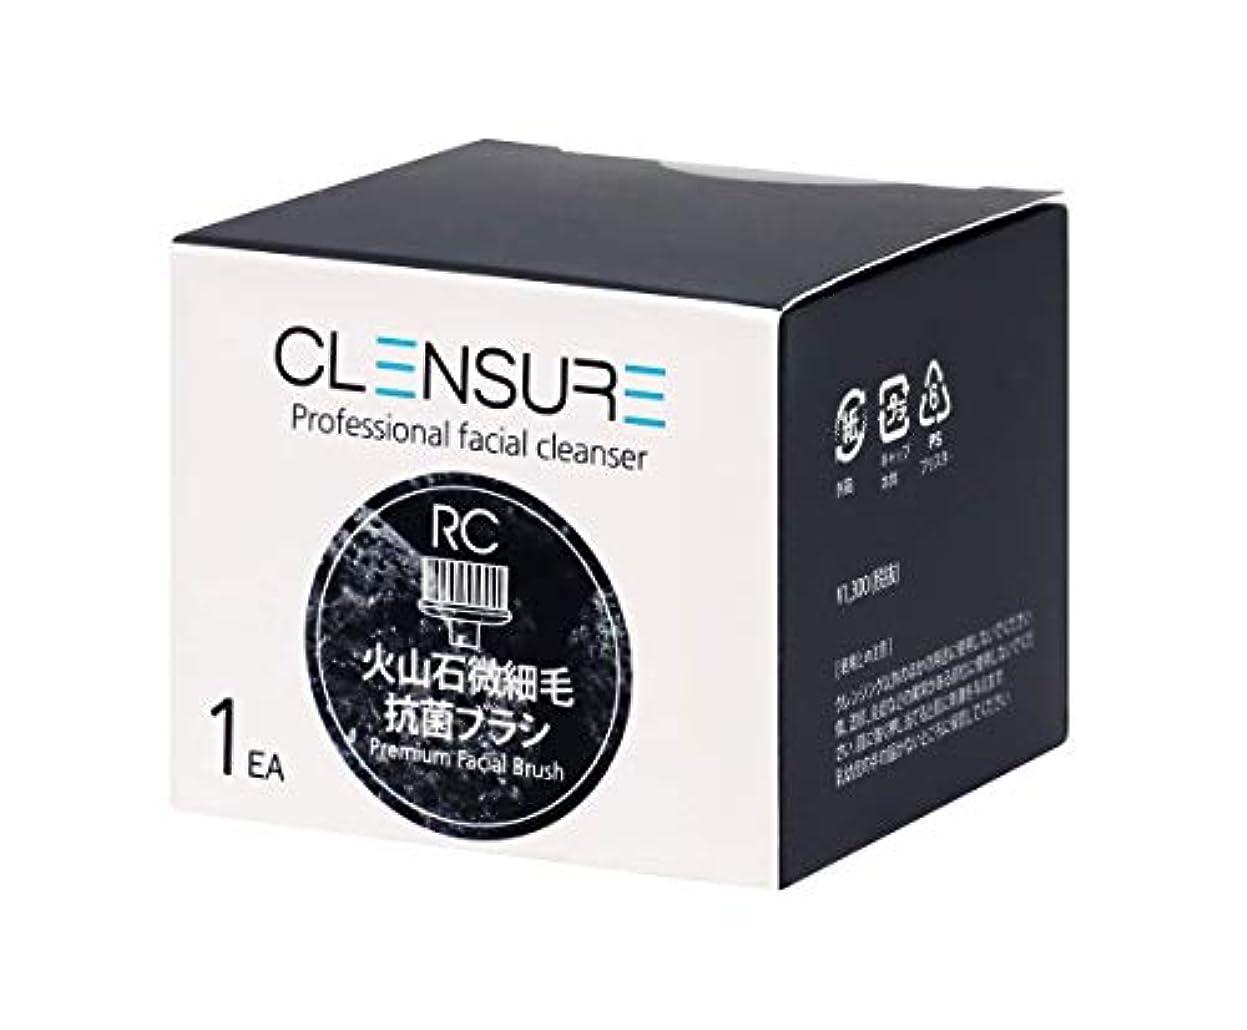 CLENSURE(クレンシュア)フェイシャルクレンザーRC 交換用ブラシ